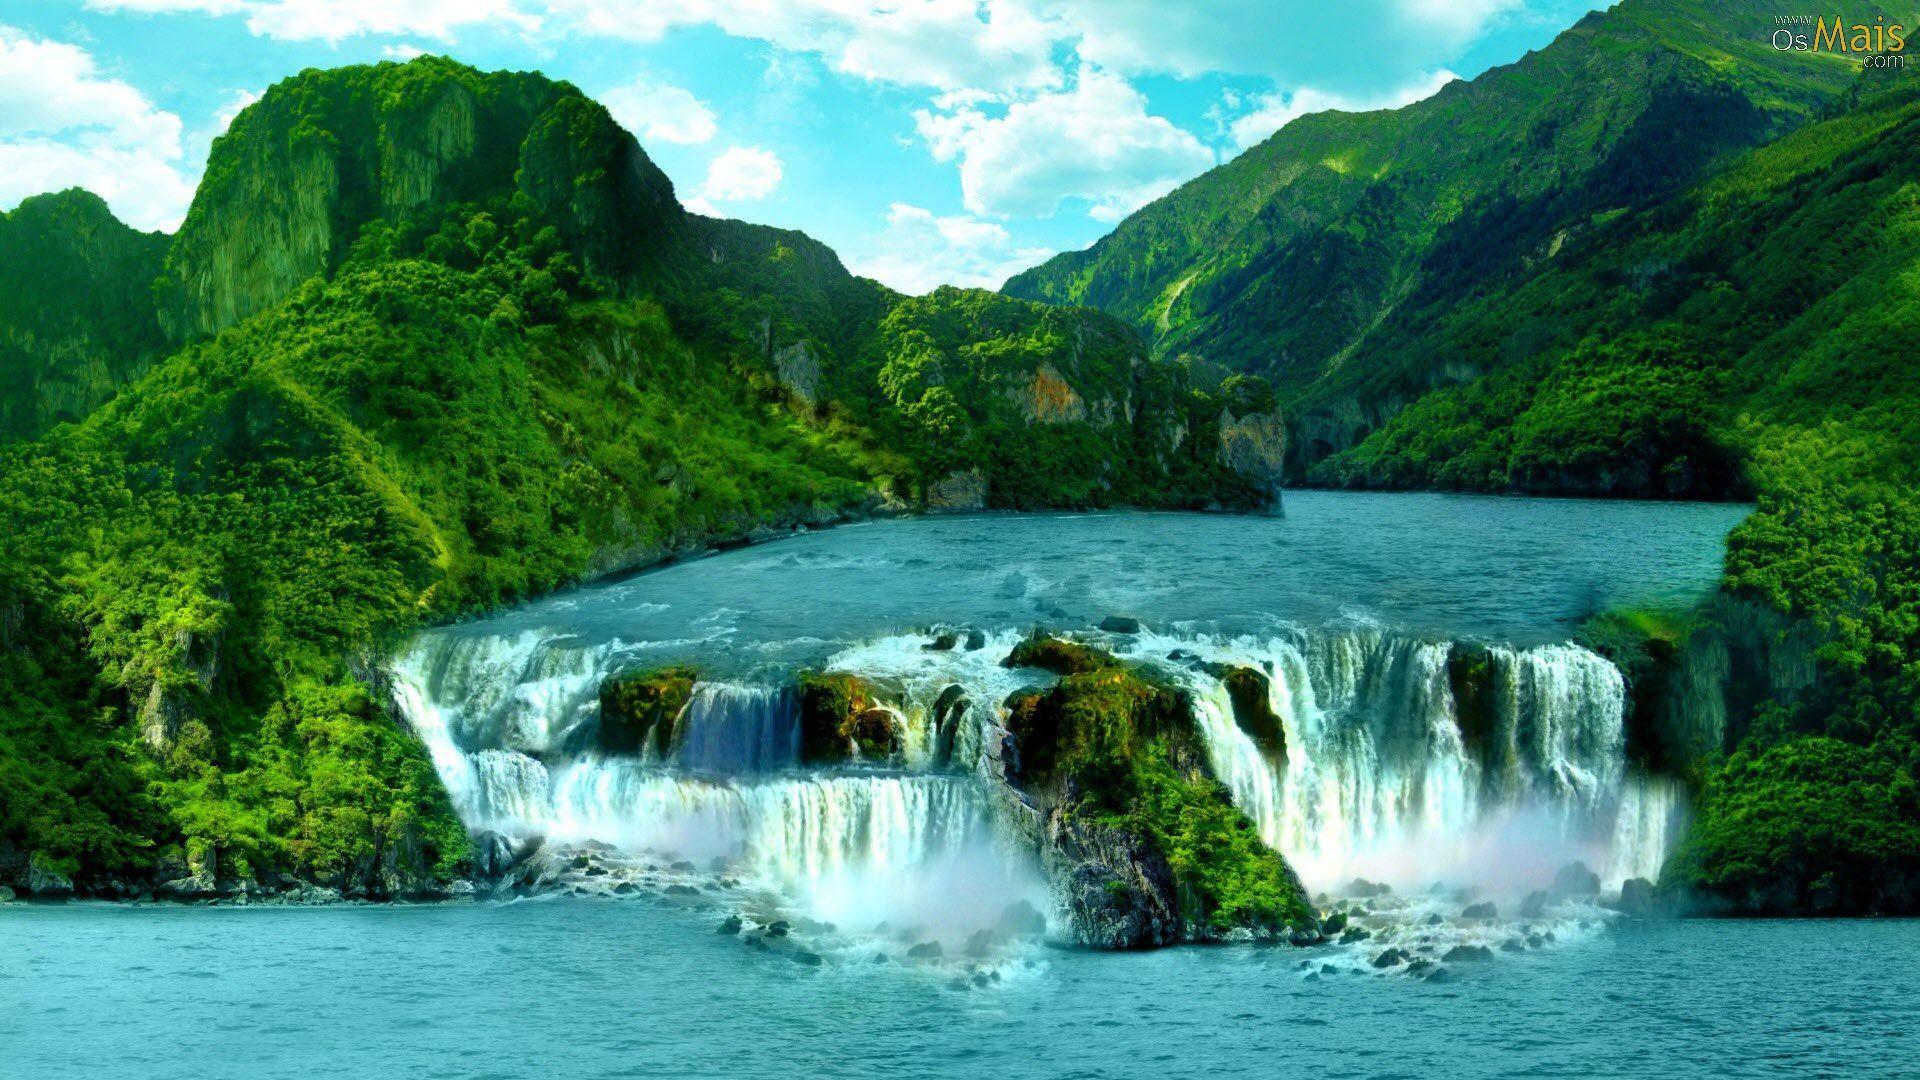 Hình ảnh về thác nước đẹp